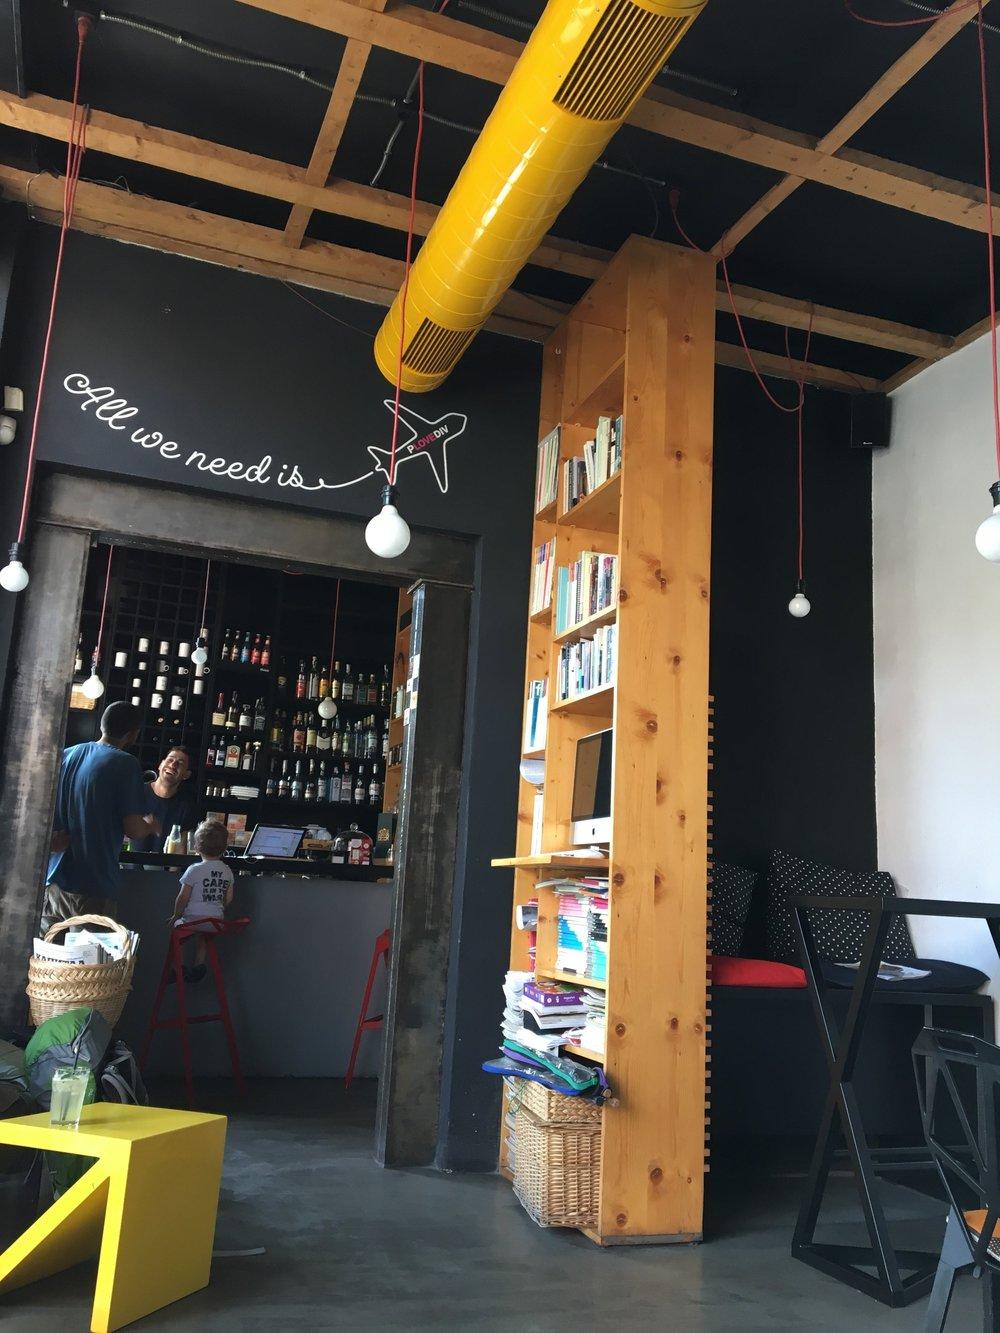 Theartnewscafé doubles as a library/bookstore